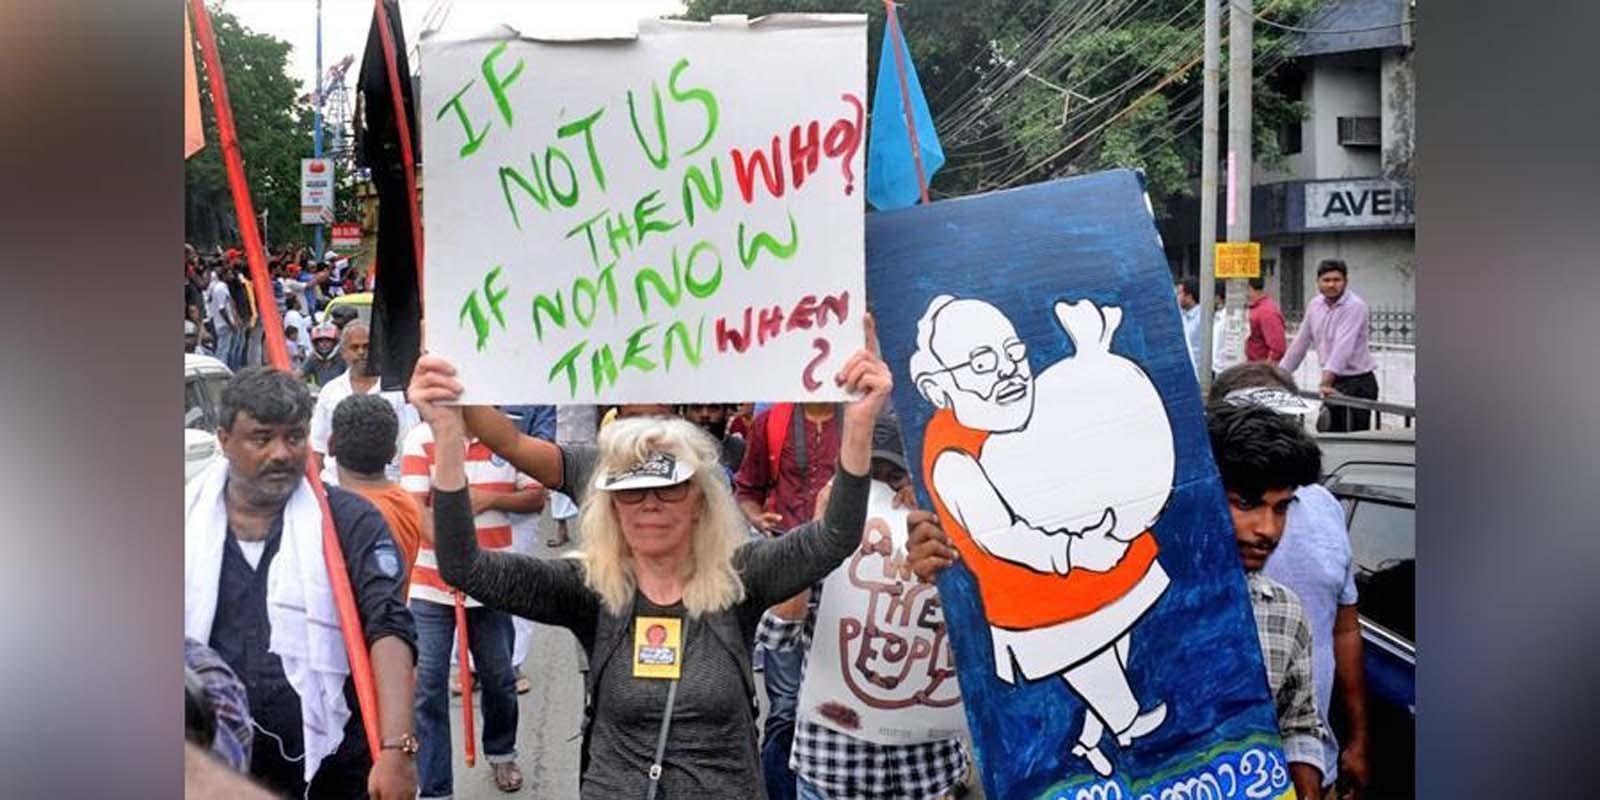 CAA विरोध प्रदर्शन : जर्मन छात्र के बाद अब नार्वे की महिला पर्यटक को भारत छोड़ने के आदेश।